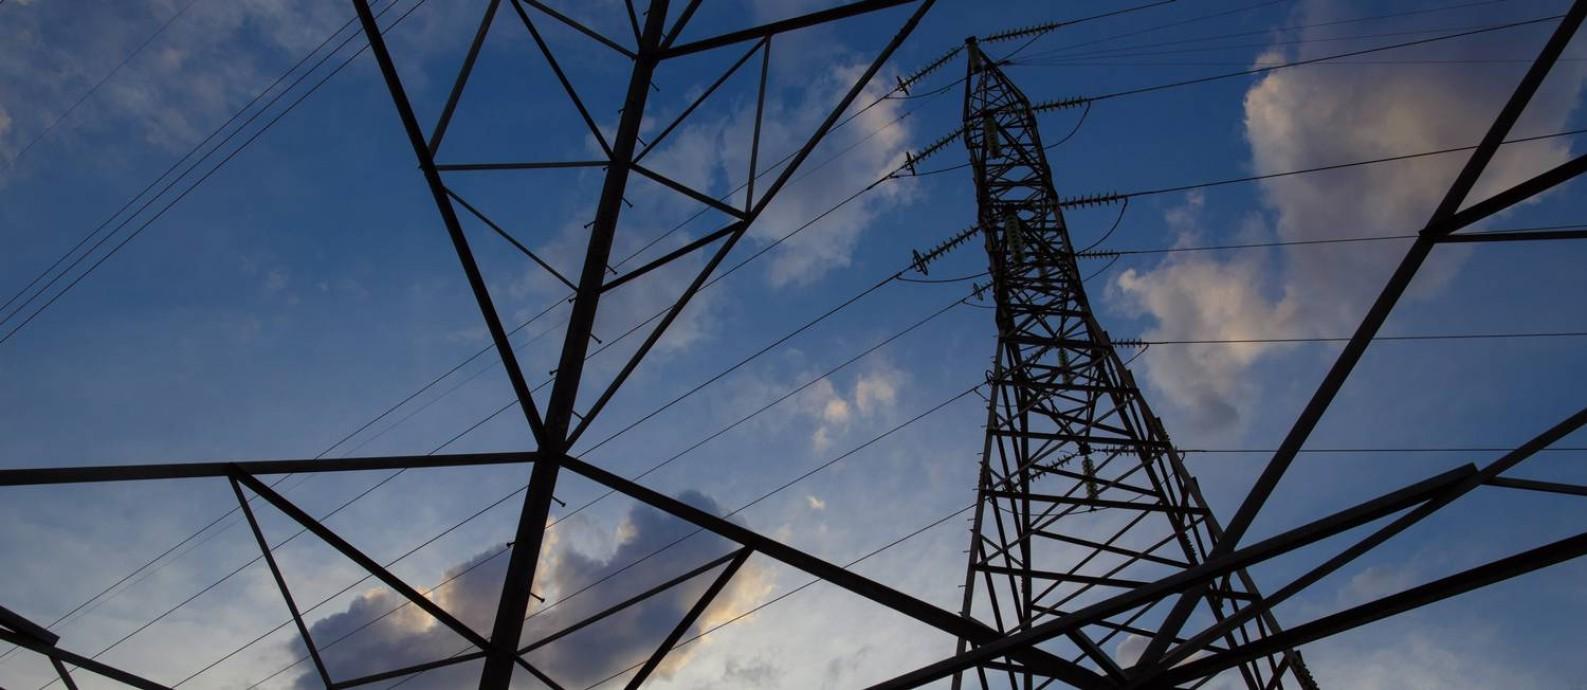 Torres de transmissao de energia em Brasilia. Foto: Daniel Marenco / Agência O Globo